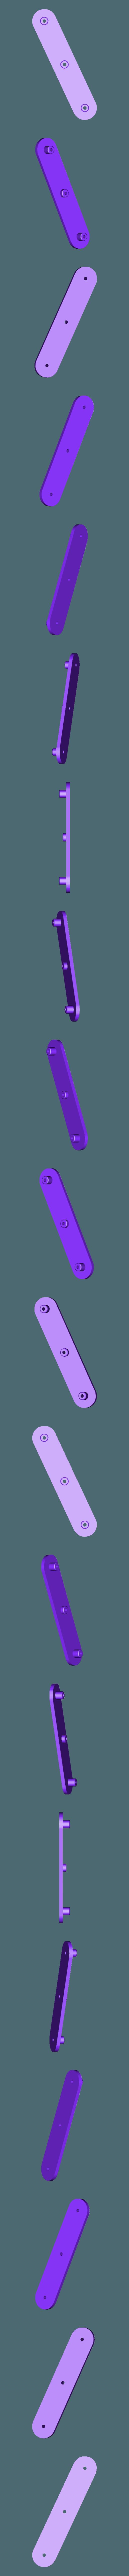 Bottom_v2.stl Download free STL file Expandable Equal Space Divider v2 • 3D print object, Dsk